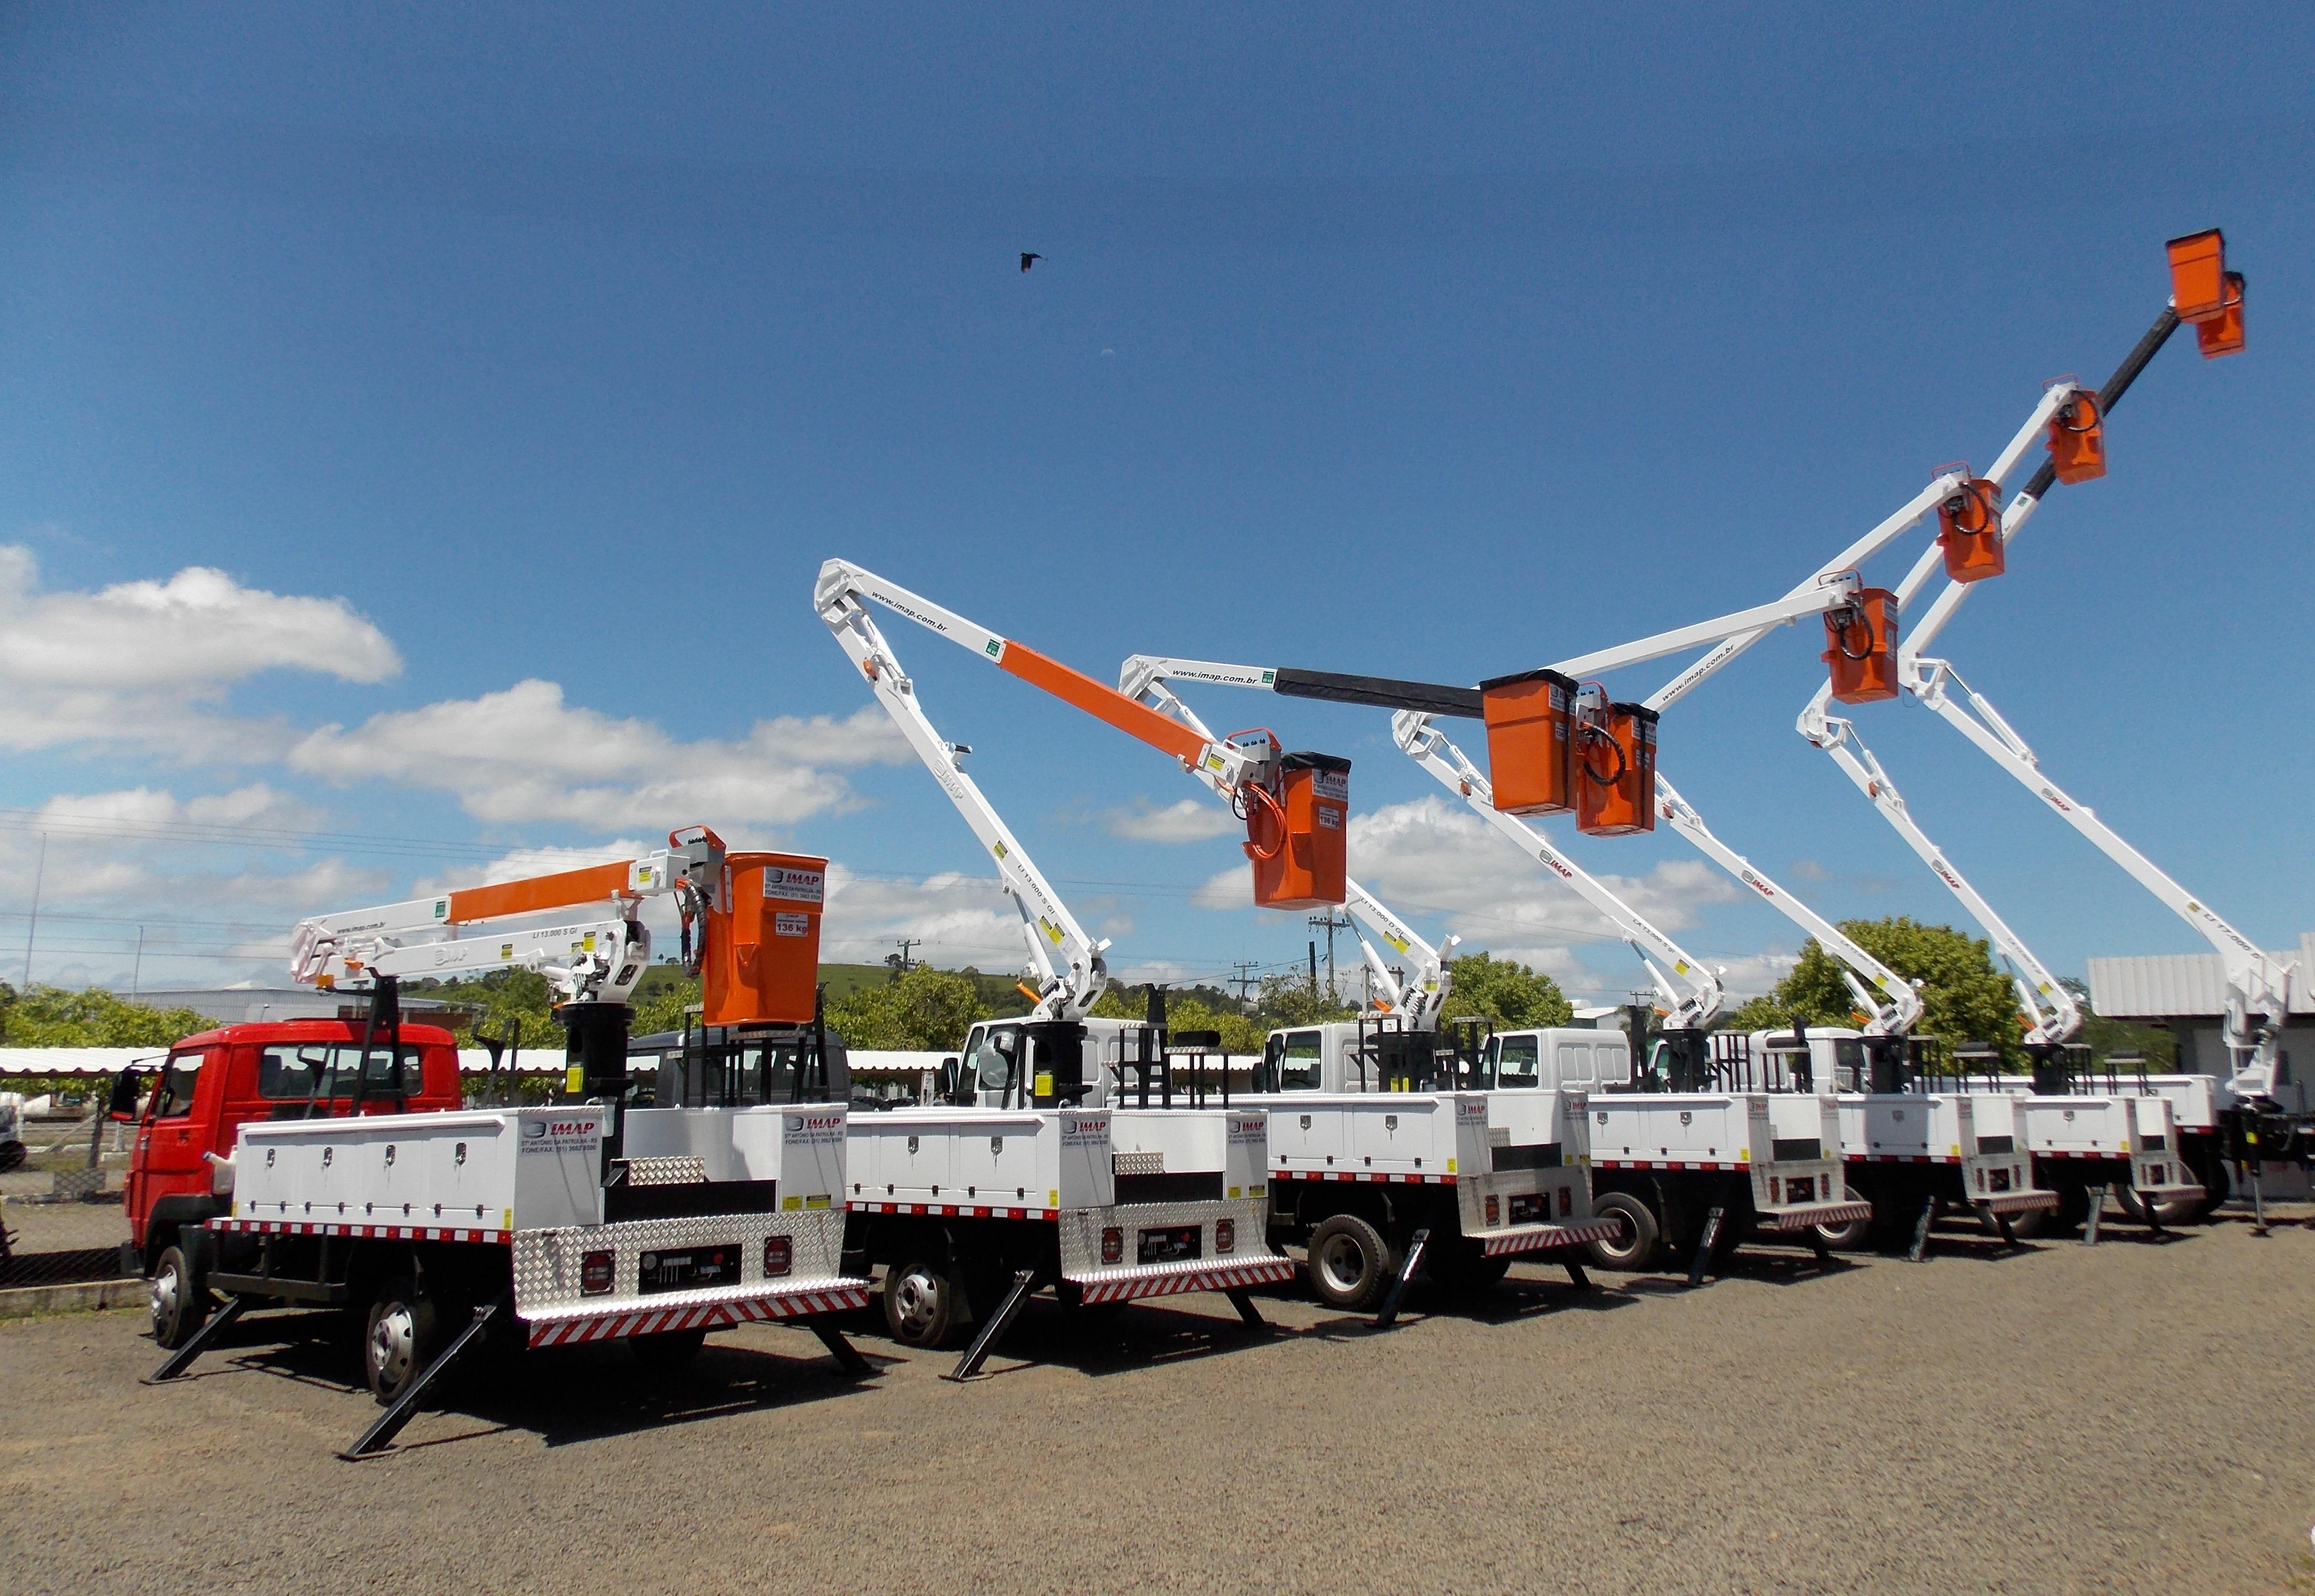 Cestas aéreas para trabalho em altura - Empresa de serviços elétricos utiliza solução para redes energizadas